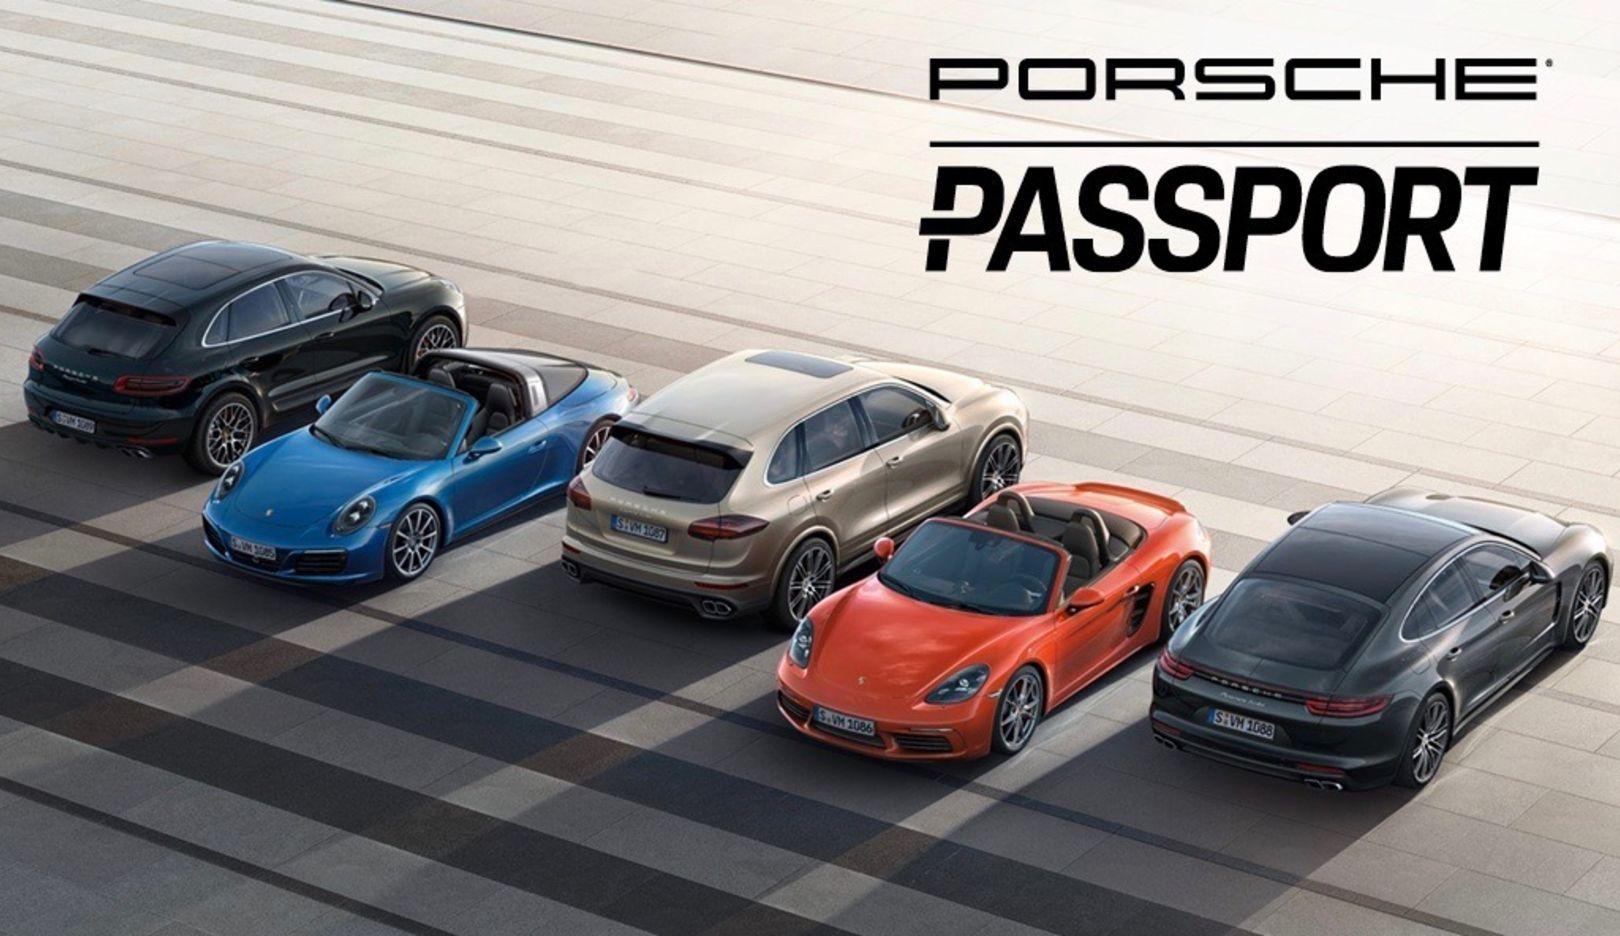 Porsche Passport, 2017, Porsche AG